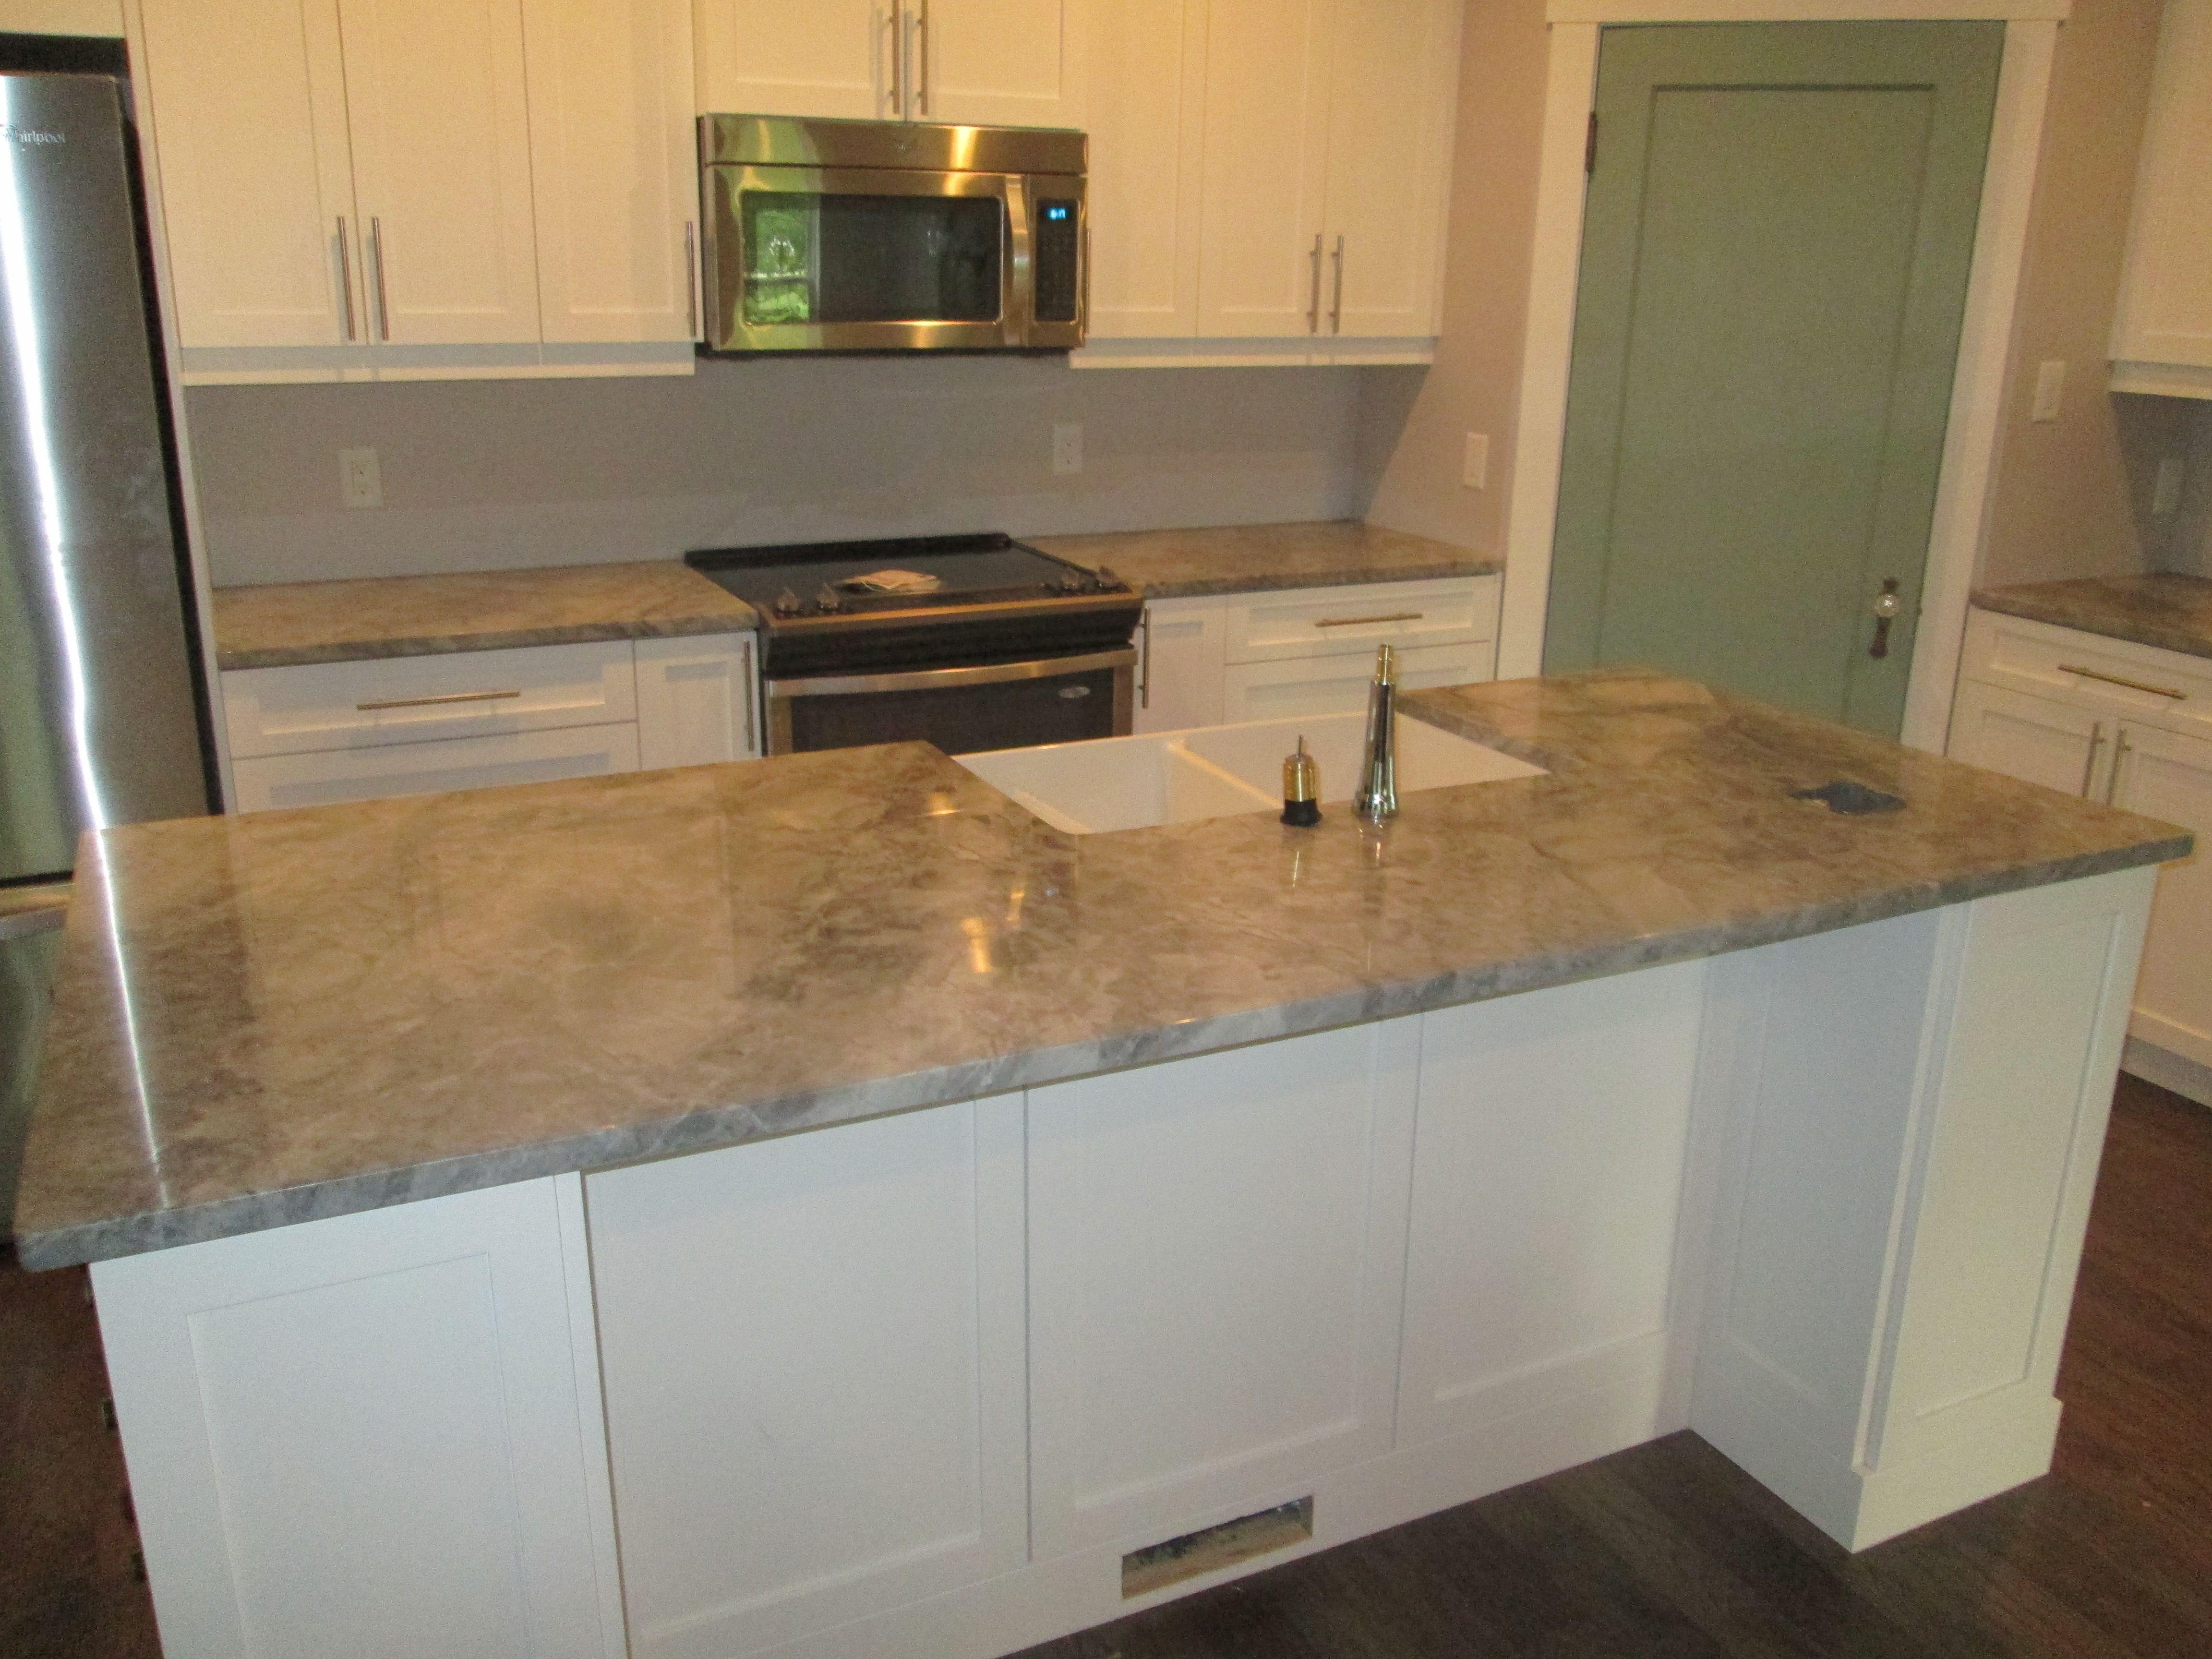 This Picture Shows A Supreme White Granite Countertop More Granite Countertops Granite Kitchen Countertops